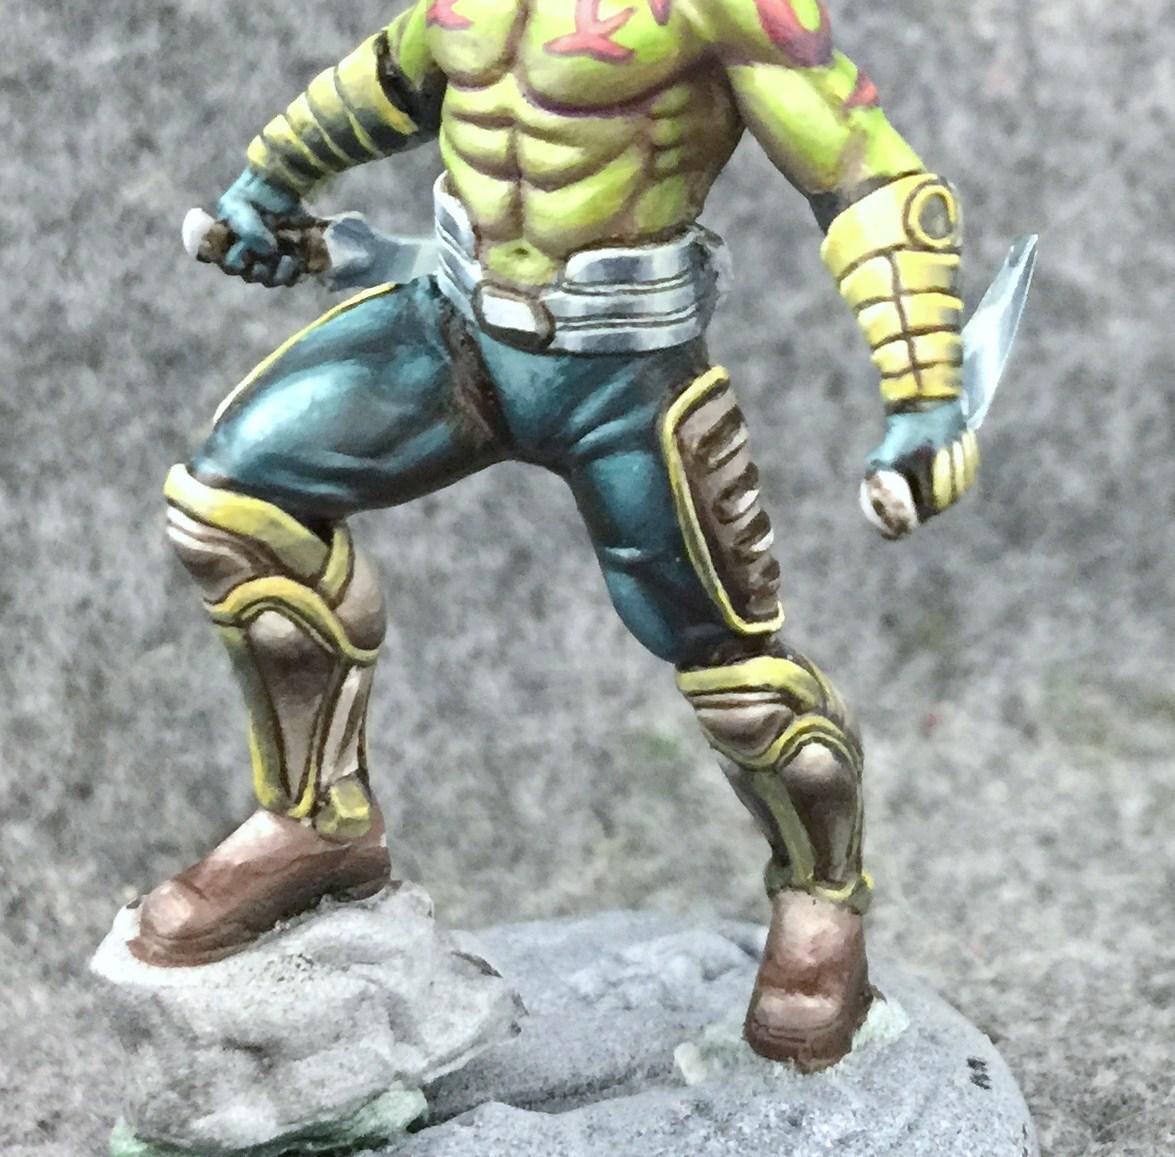 020 Drax Knight Models